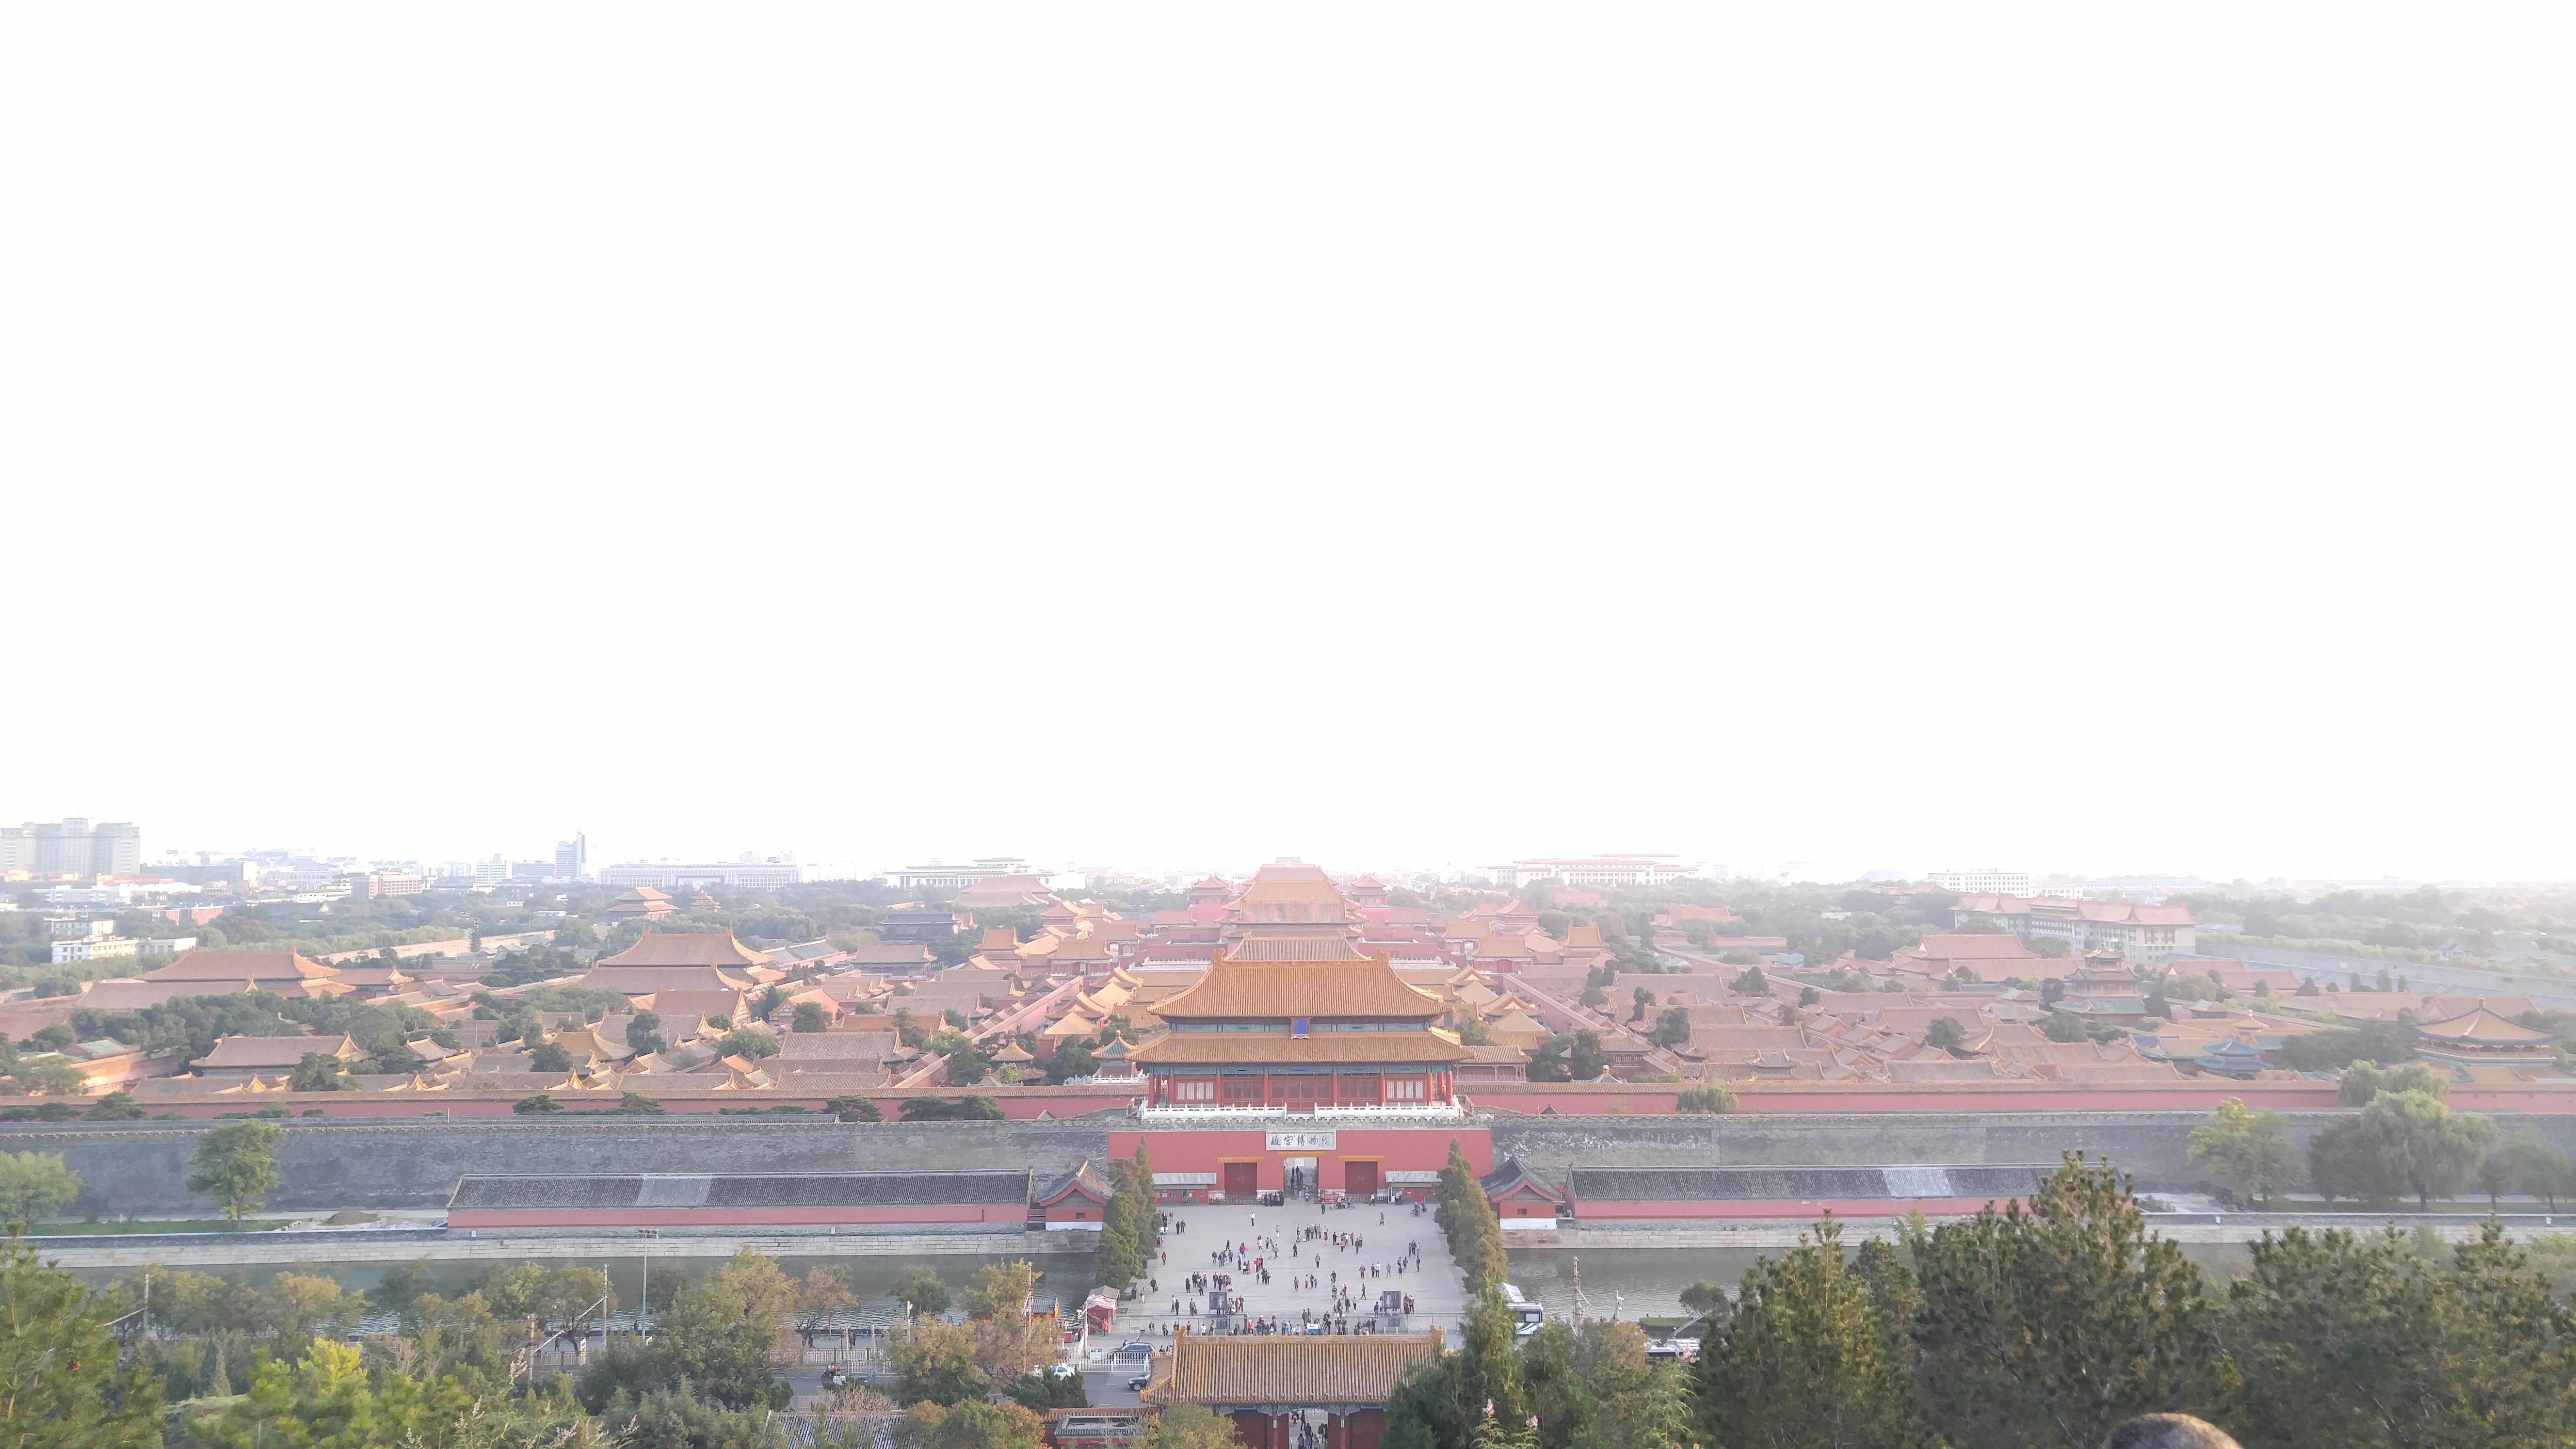 从景山公园扫视故宫全貌(Sweeping panorama of the Forbidden City from Jingshan park)